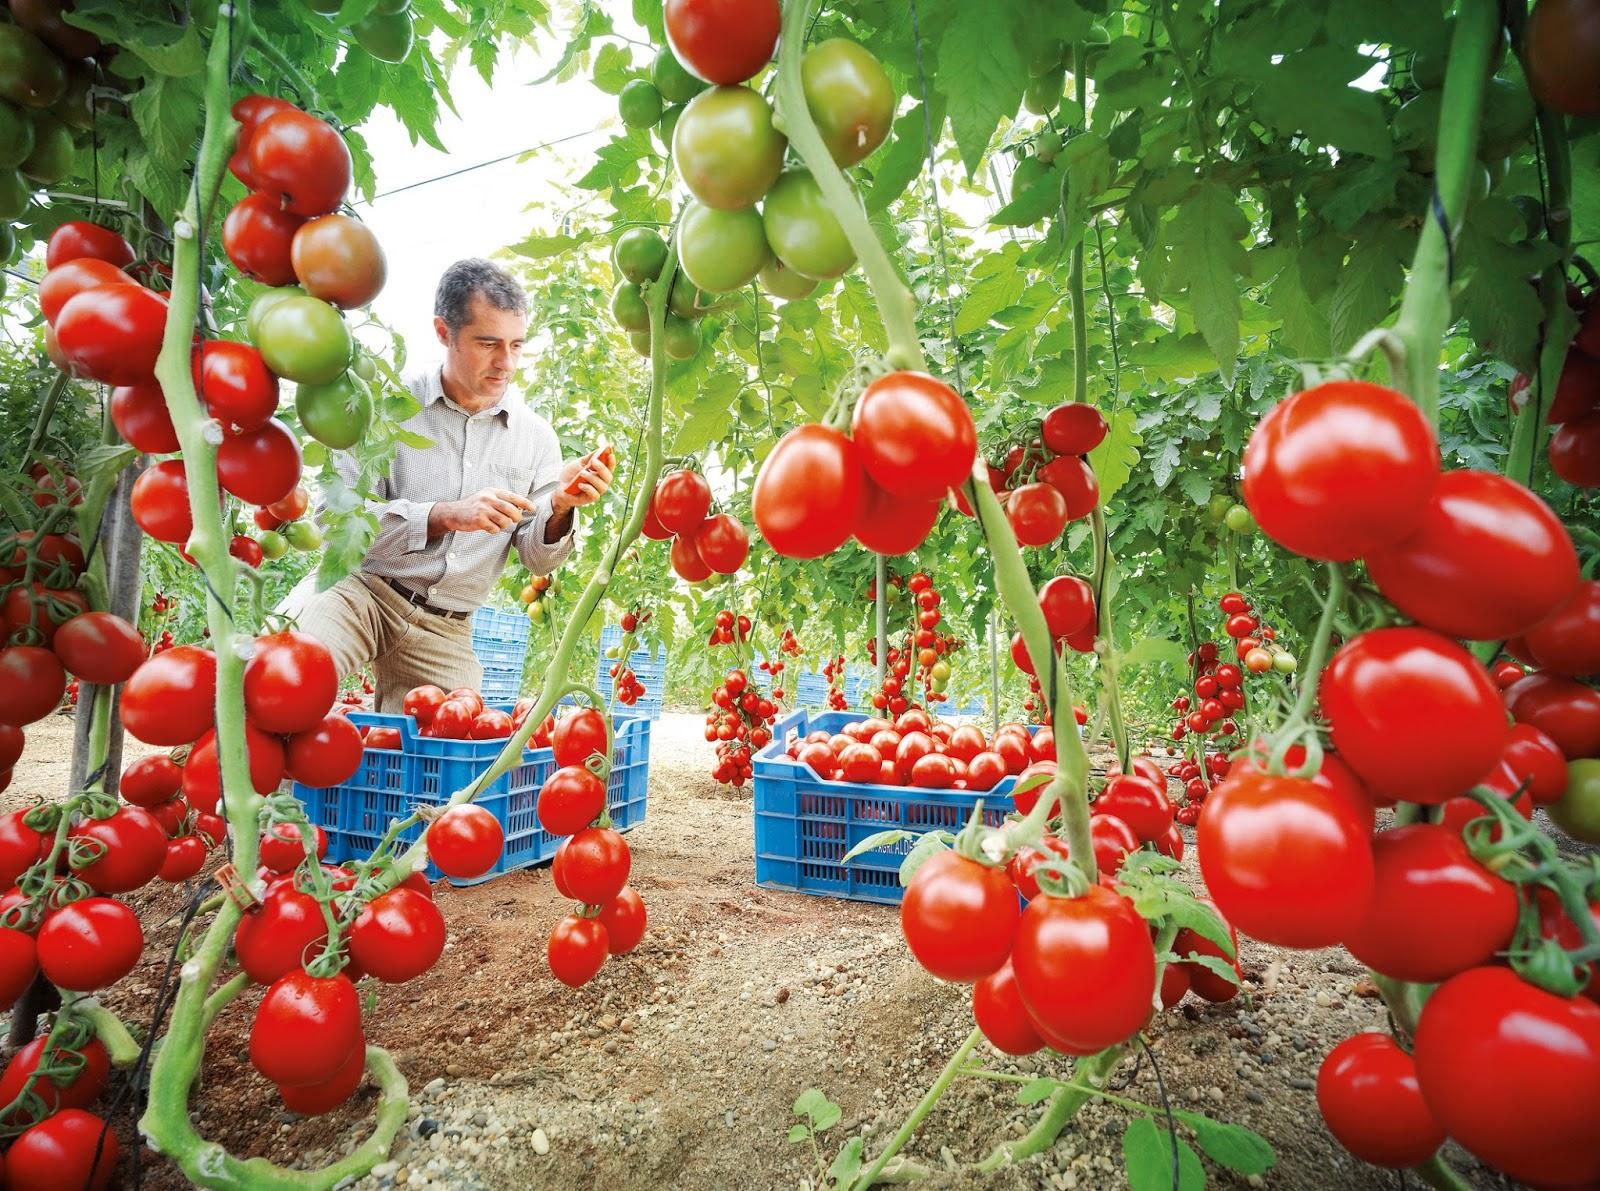 Muchos documentos de ayuda para trabajos el manual cultivo del tomate proteccion analisis - Tomates cherry en maceta ...